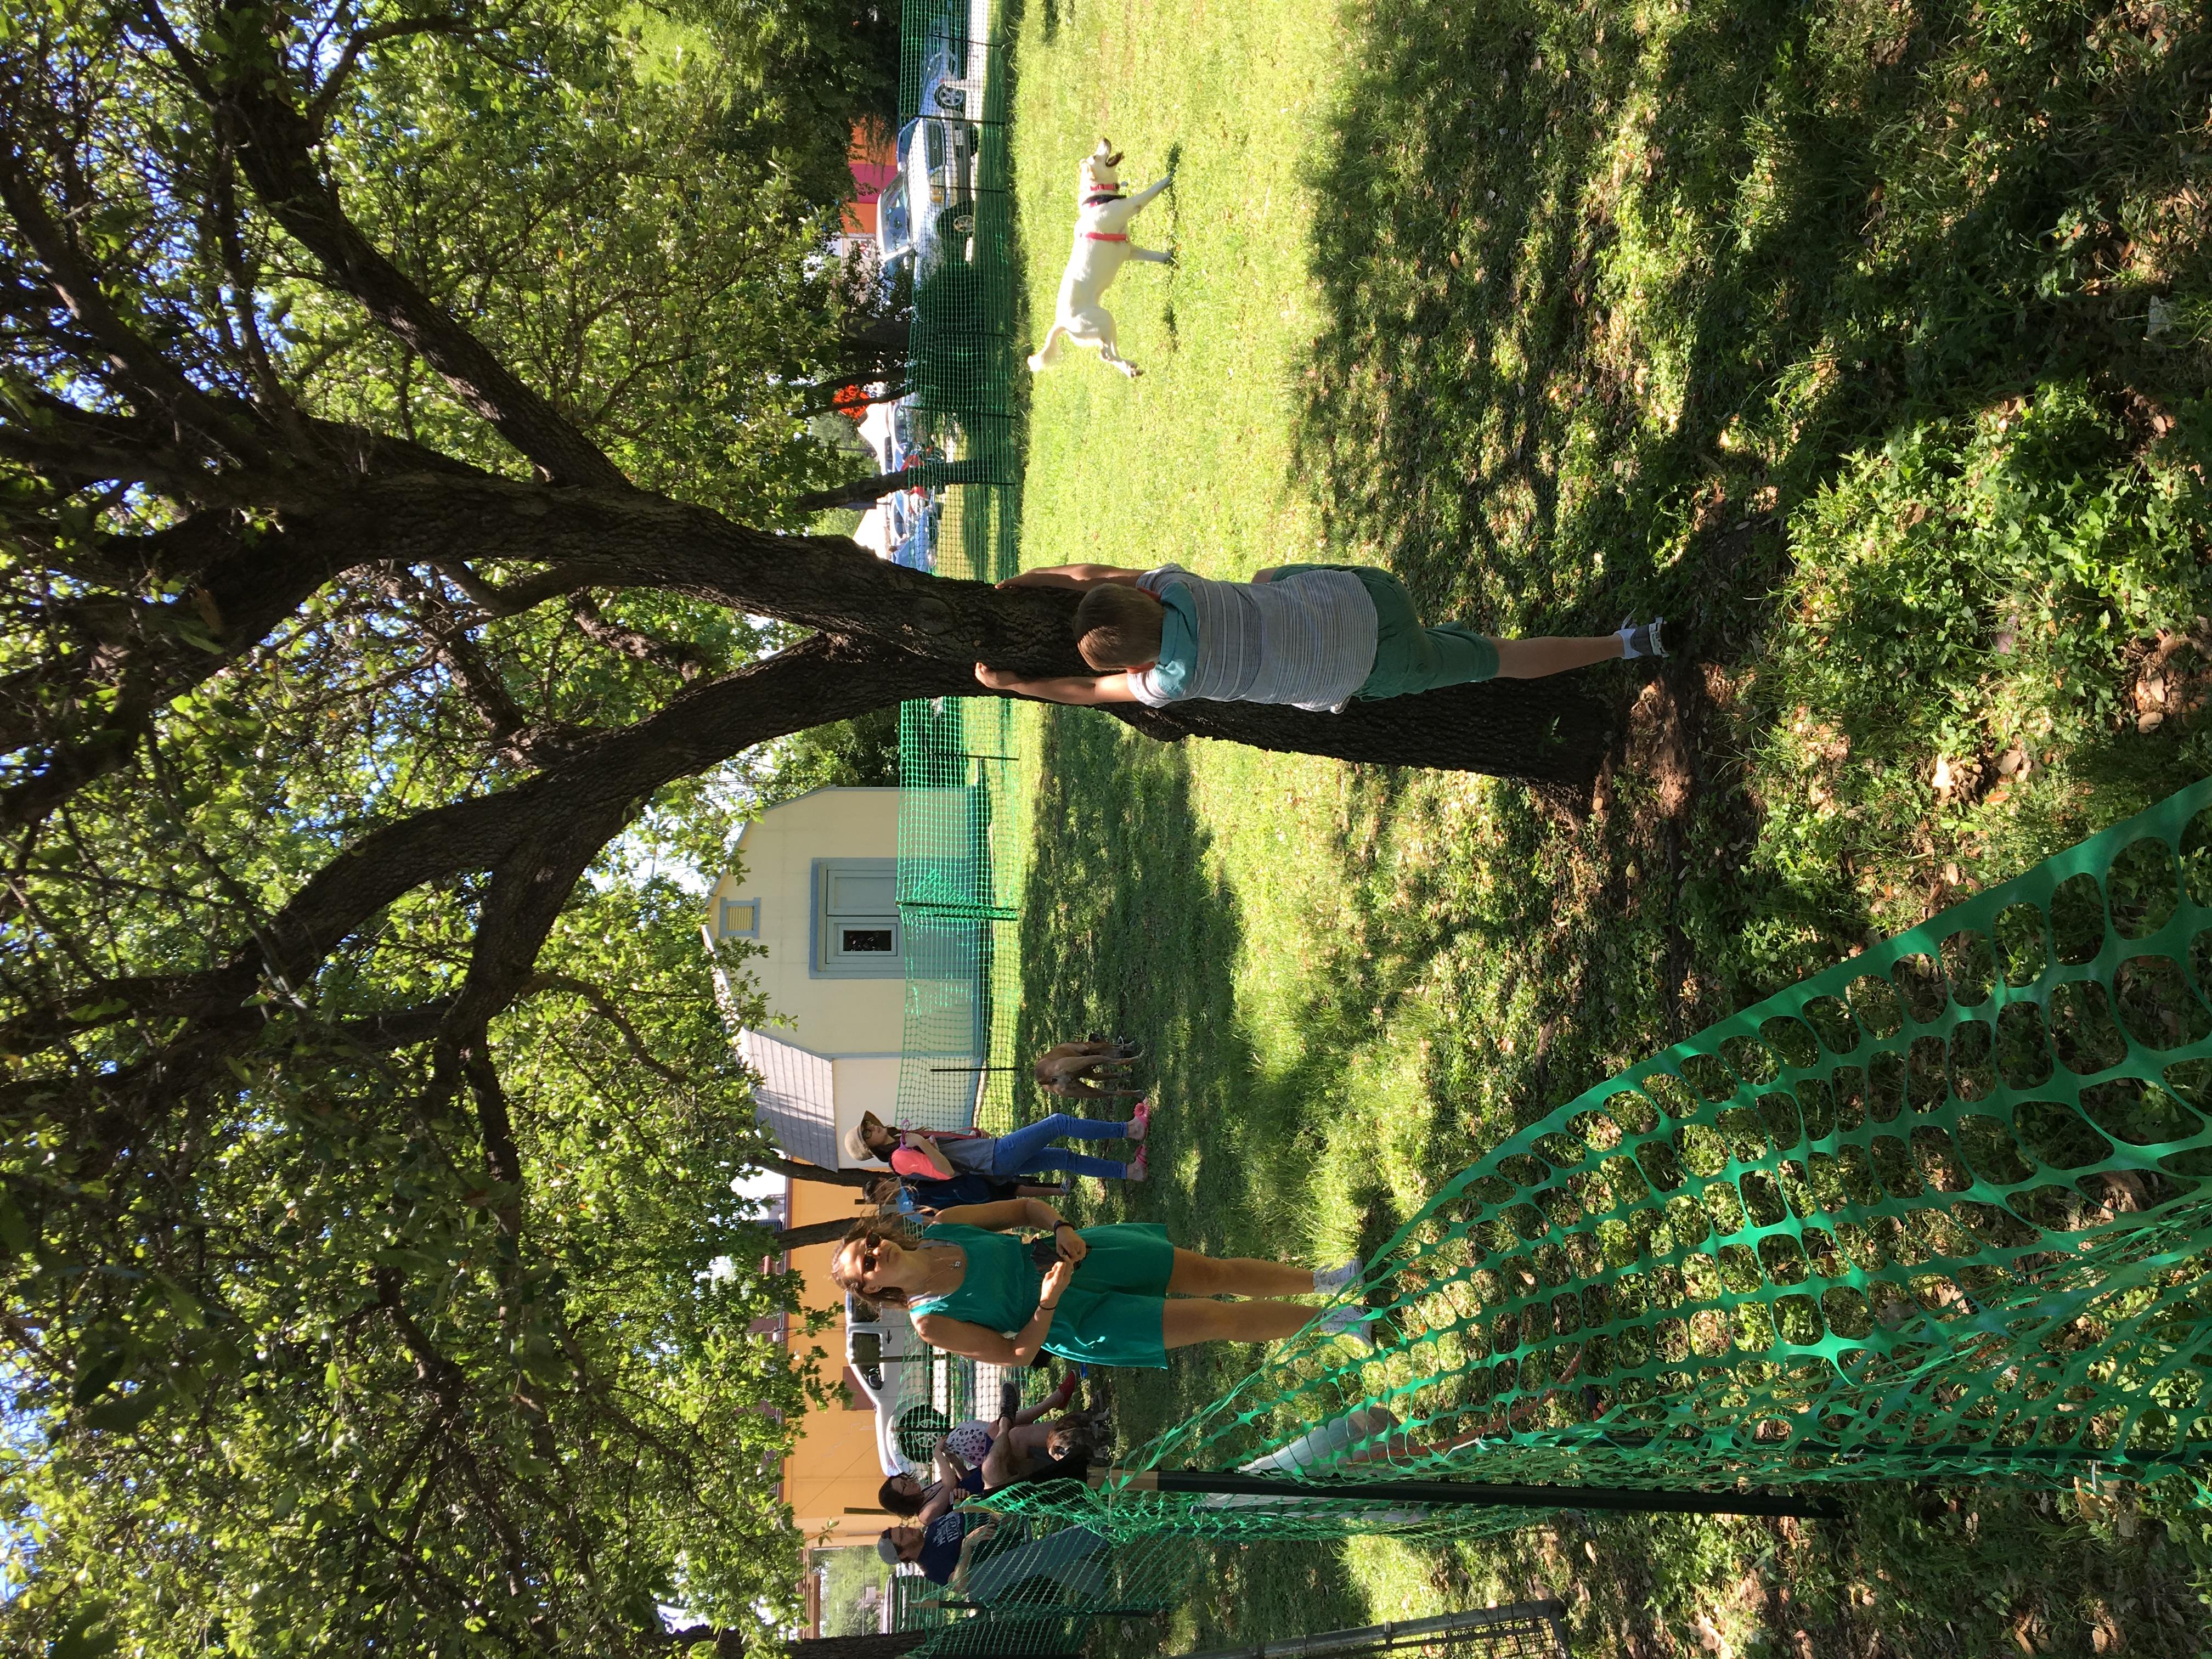 Dog Park, tree